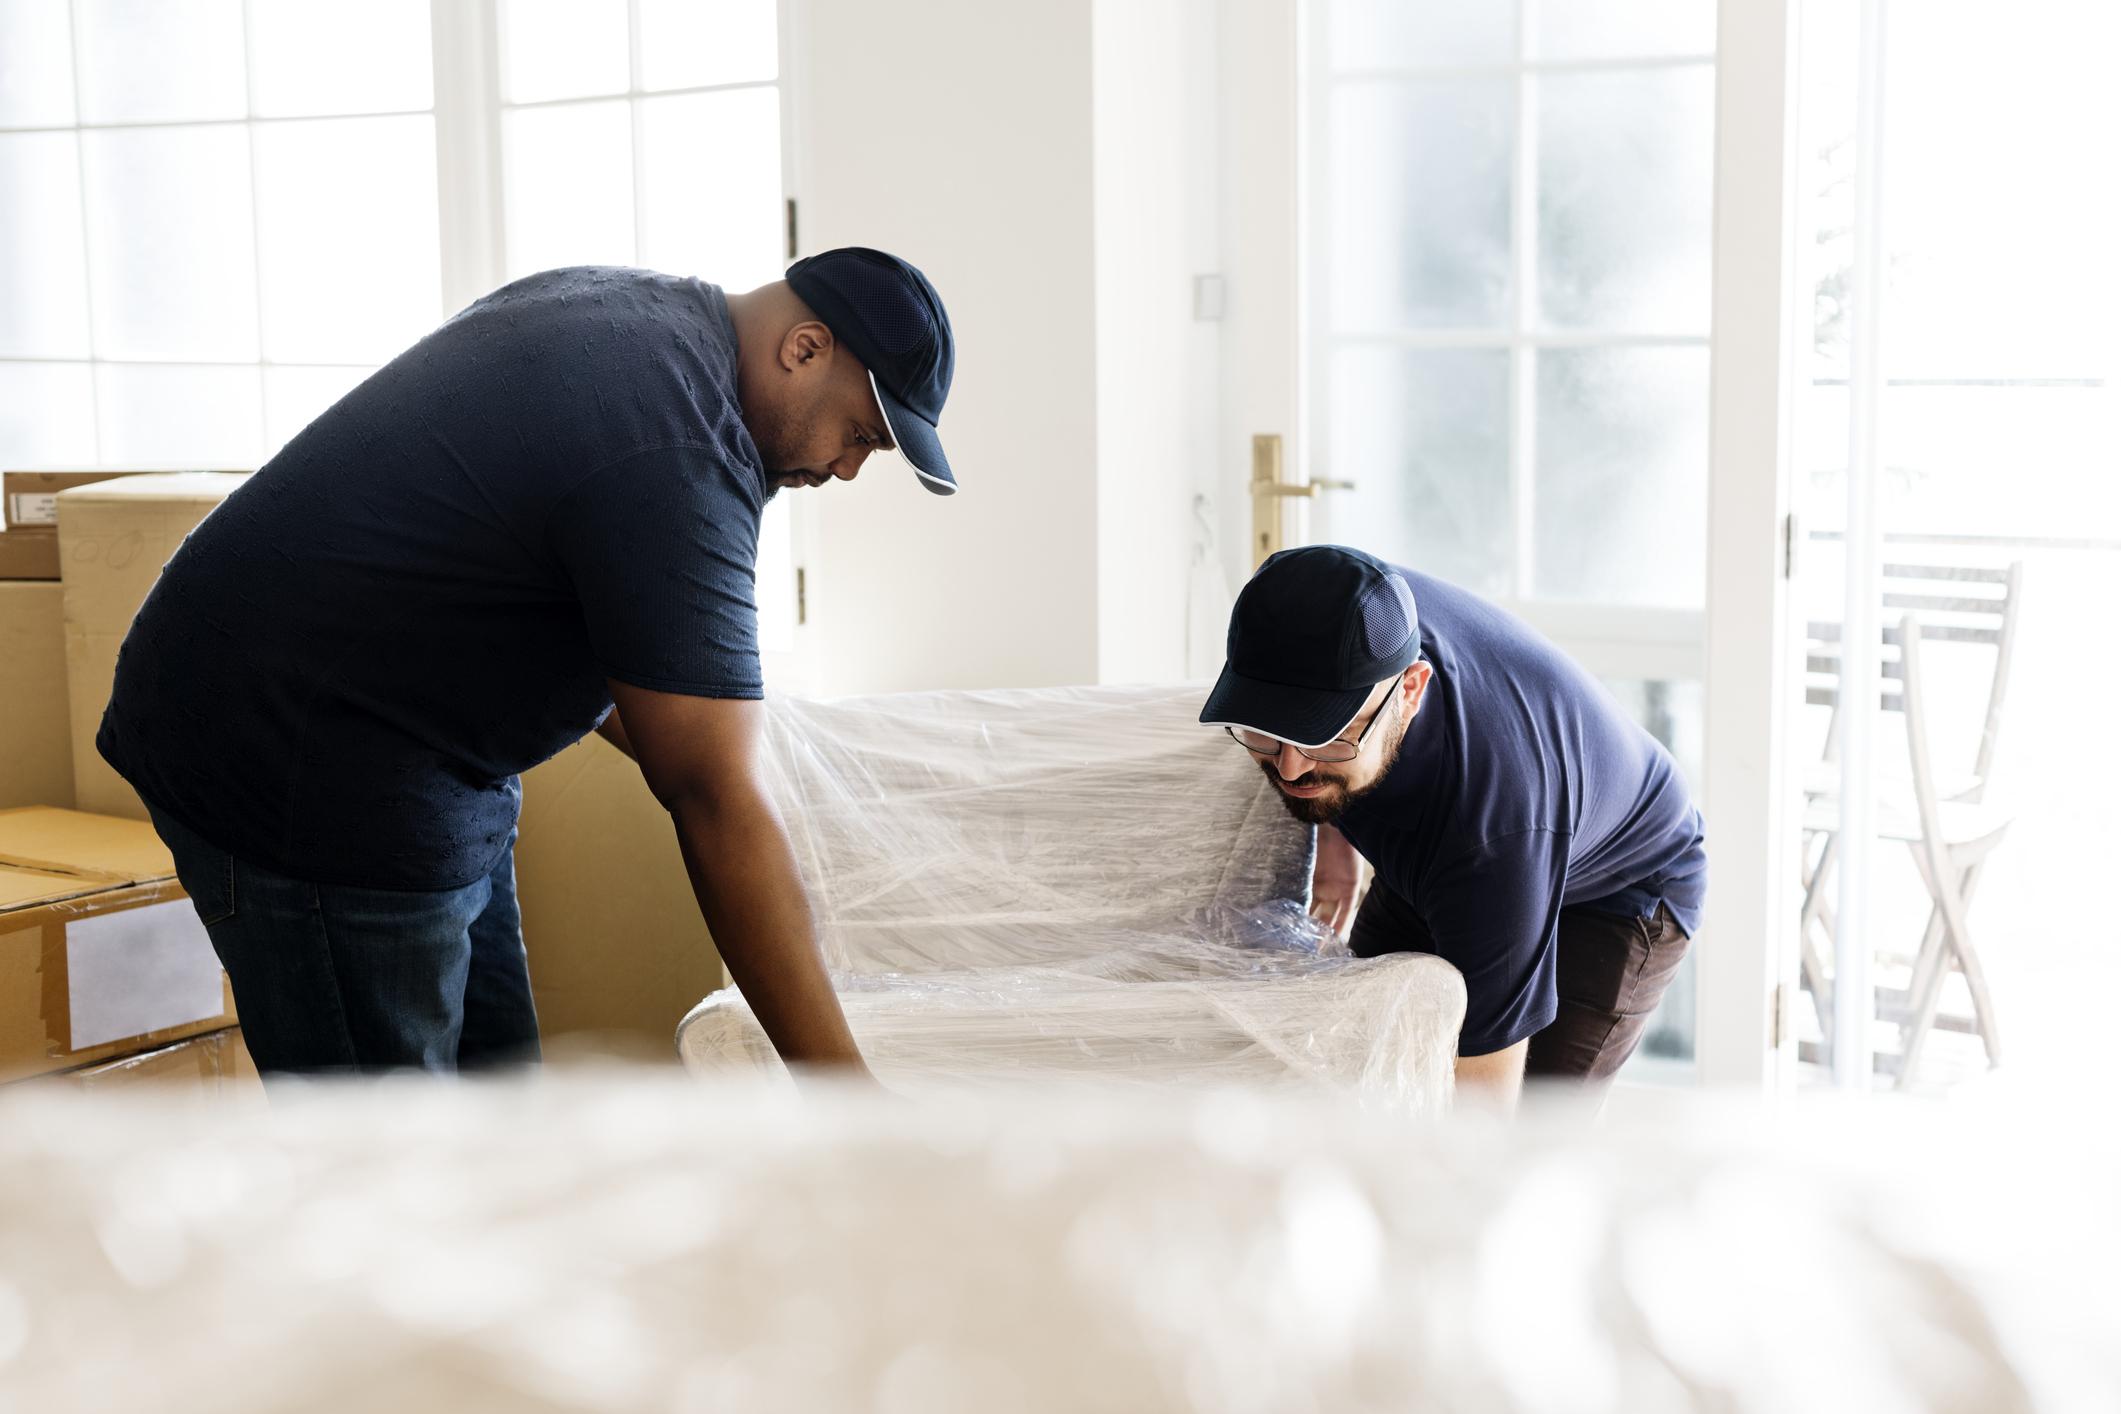 Two men delivering furniture